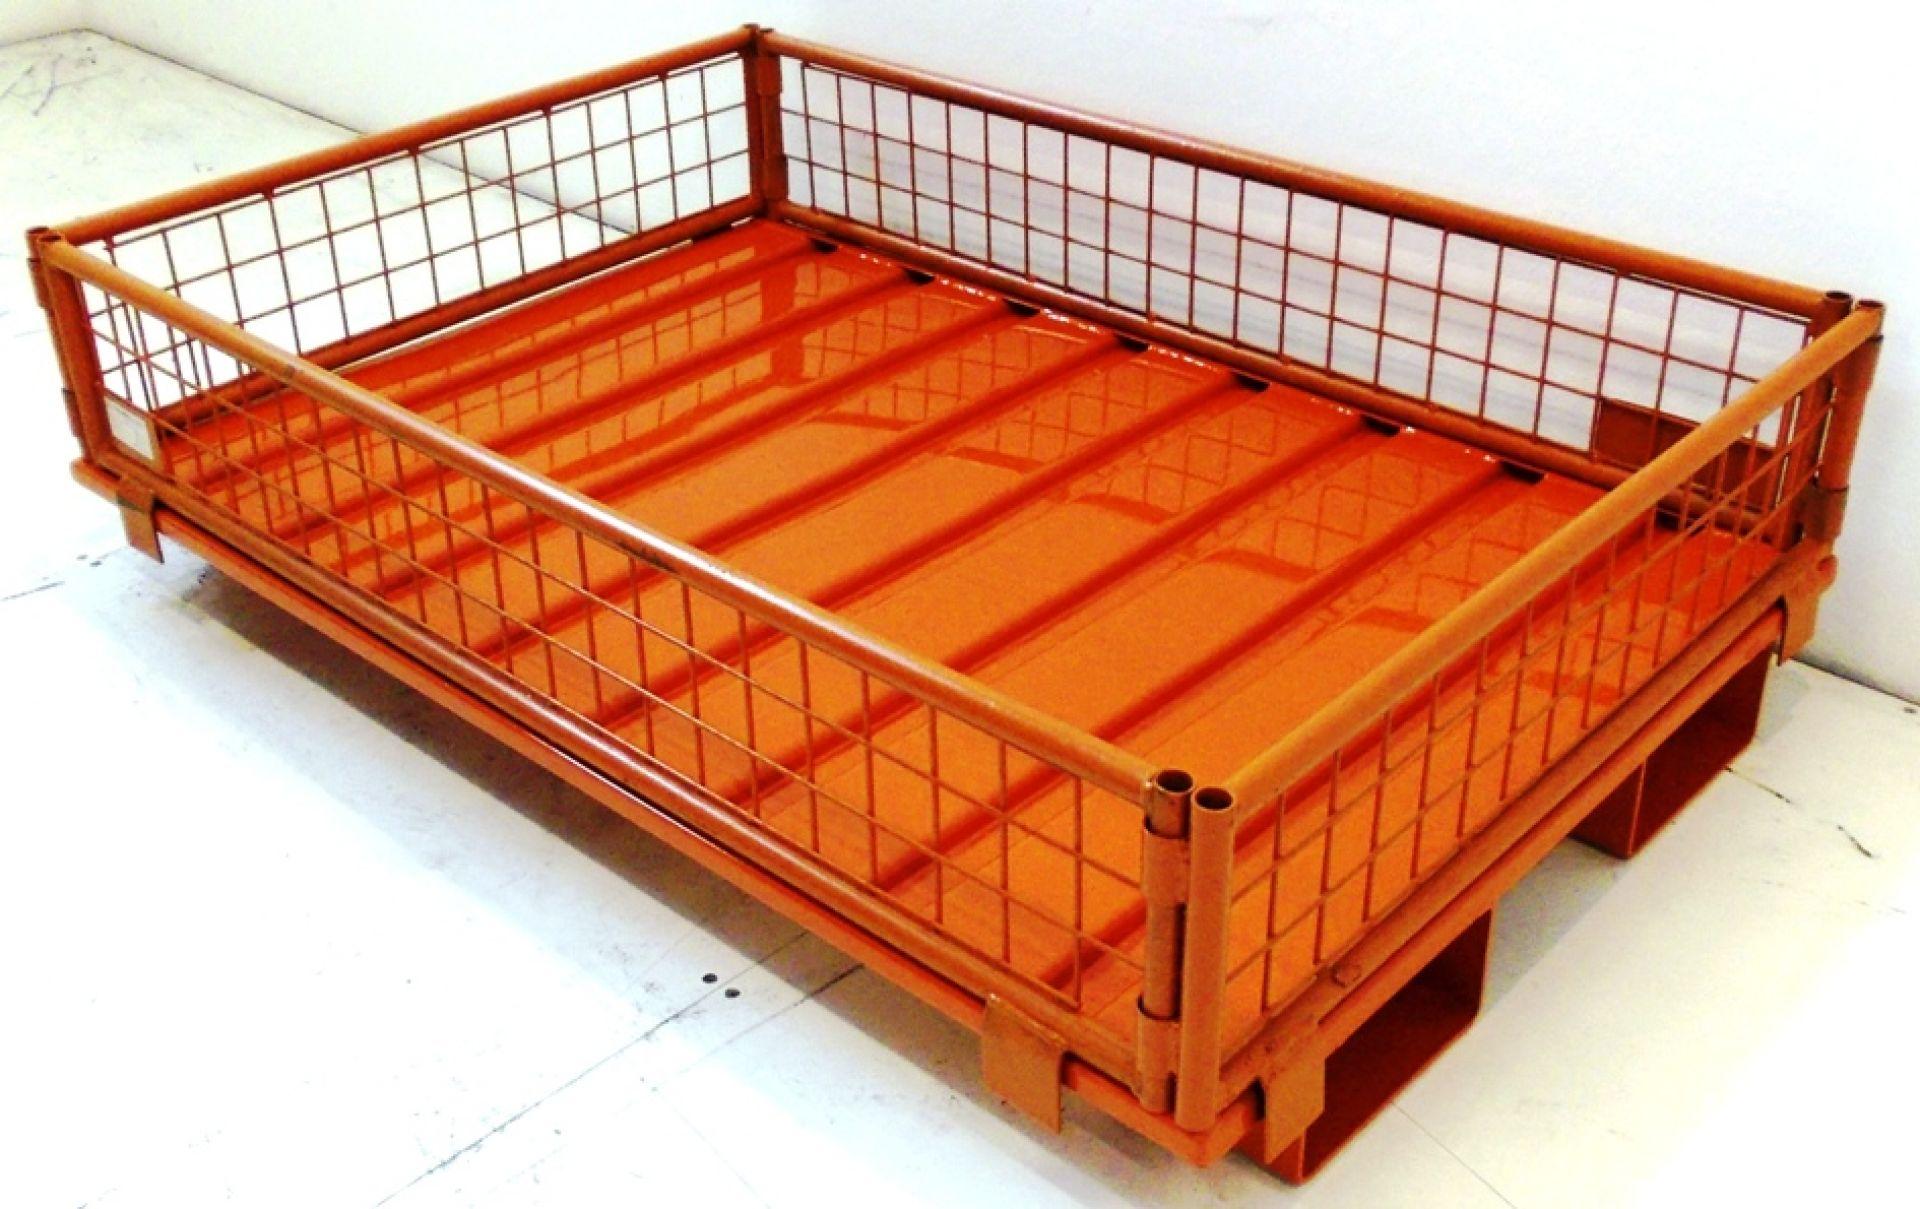 Stahlpalette für diagonalfaltbaren Gitteraufsatzrahmen